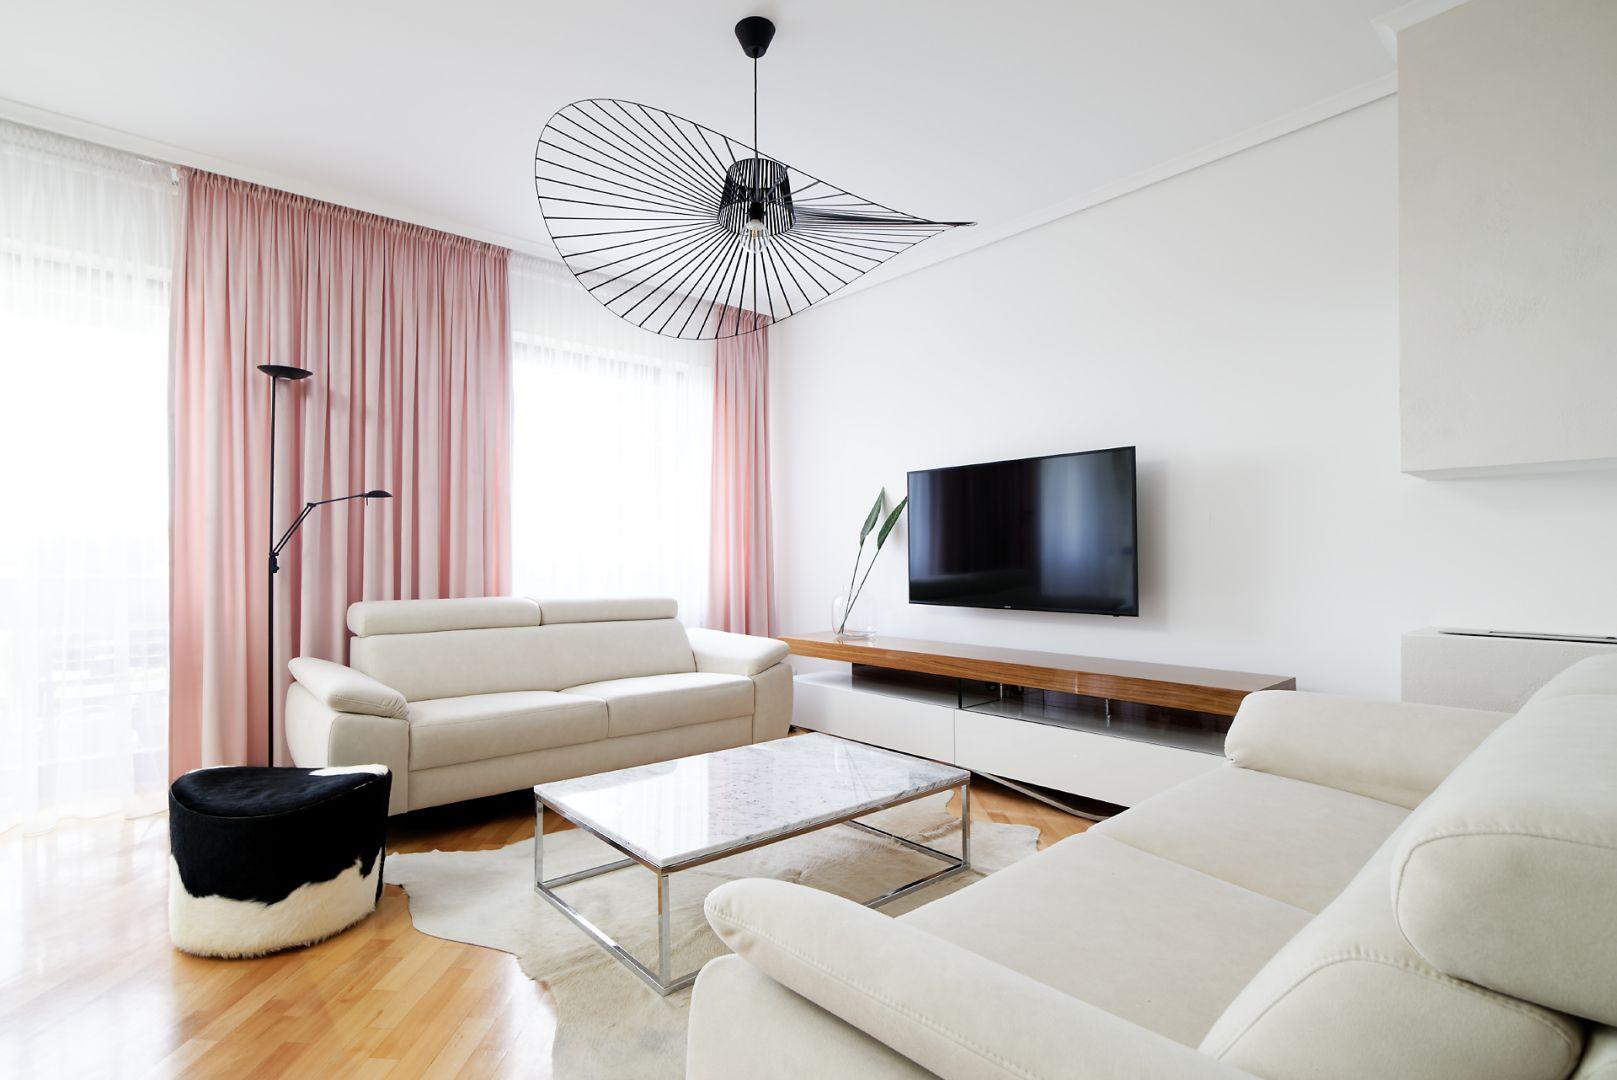 Nowoczesna szafka pod telewizor Rimini Premium firmy Lissy stanowi połączenie stali nierdzewnej, białych frontów oraz lakierowanego drewnianego blatu, który nadaje pomieszczeniu szlachetnego charakter. Projekt: Aleksandra Sowińska. Fot. Radek Słowik